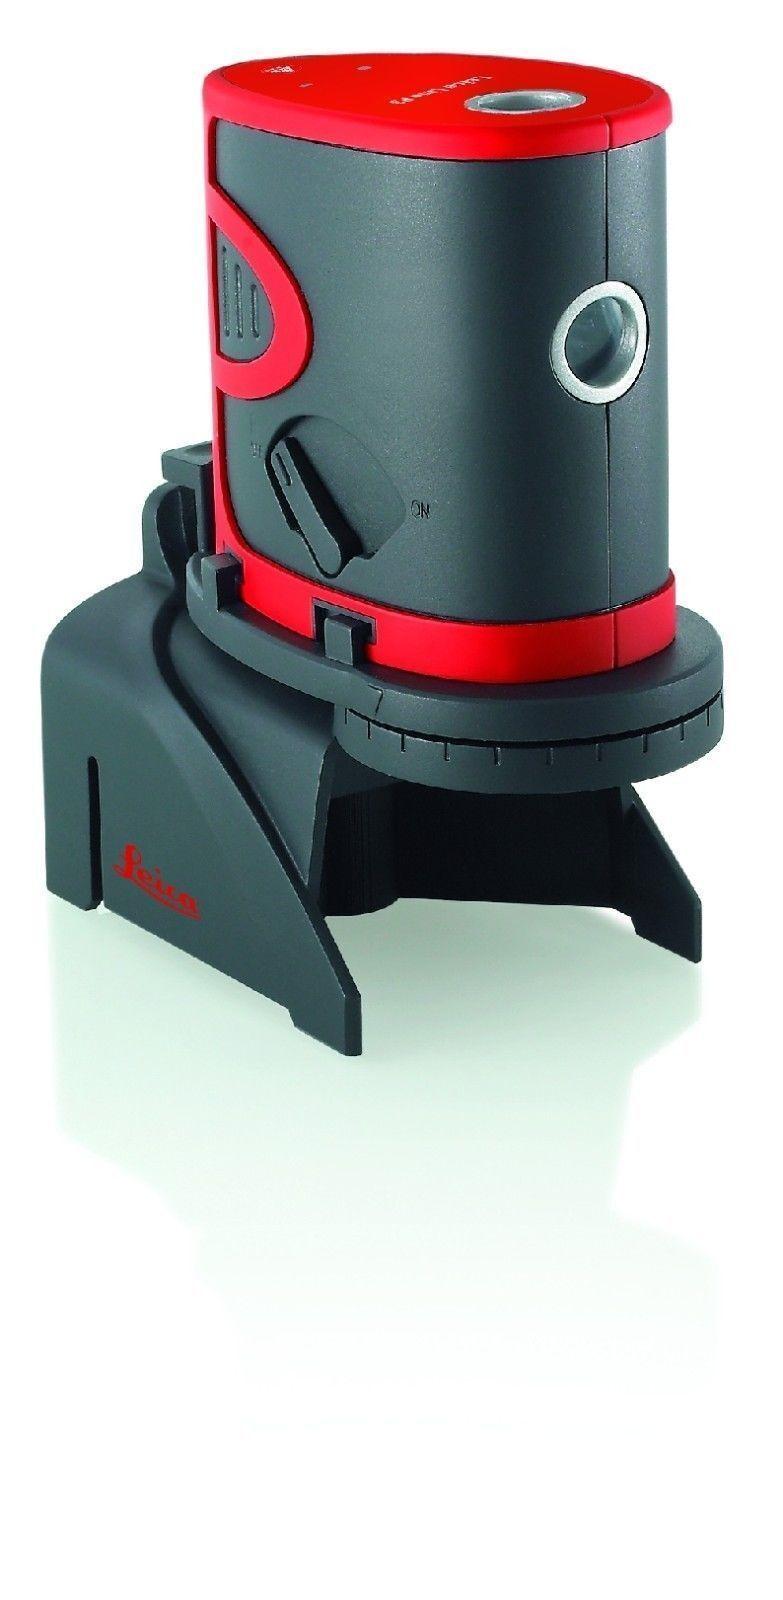 Leica LINO P3 autonivelante de 3 puntos Dot Nivel láser verticales